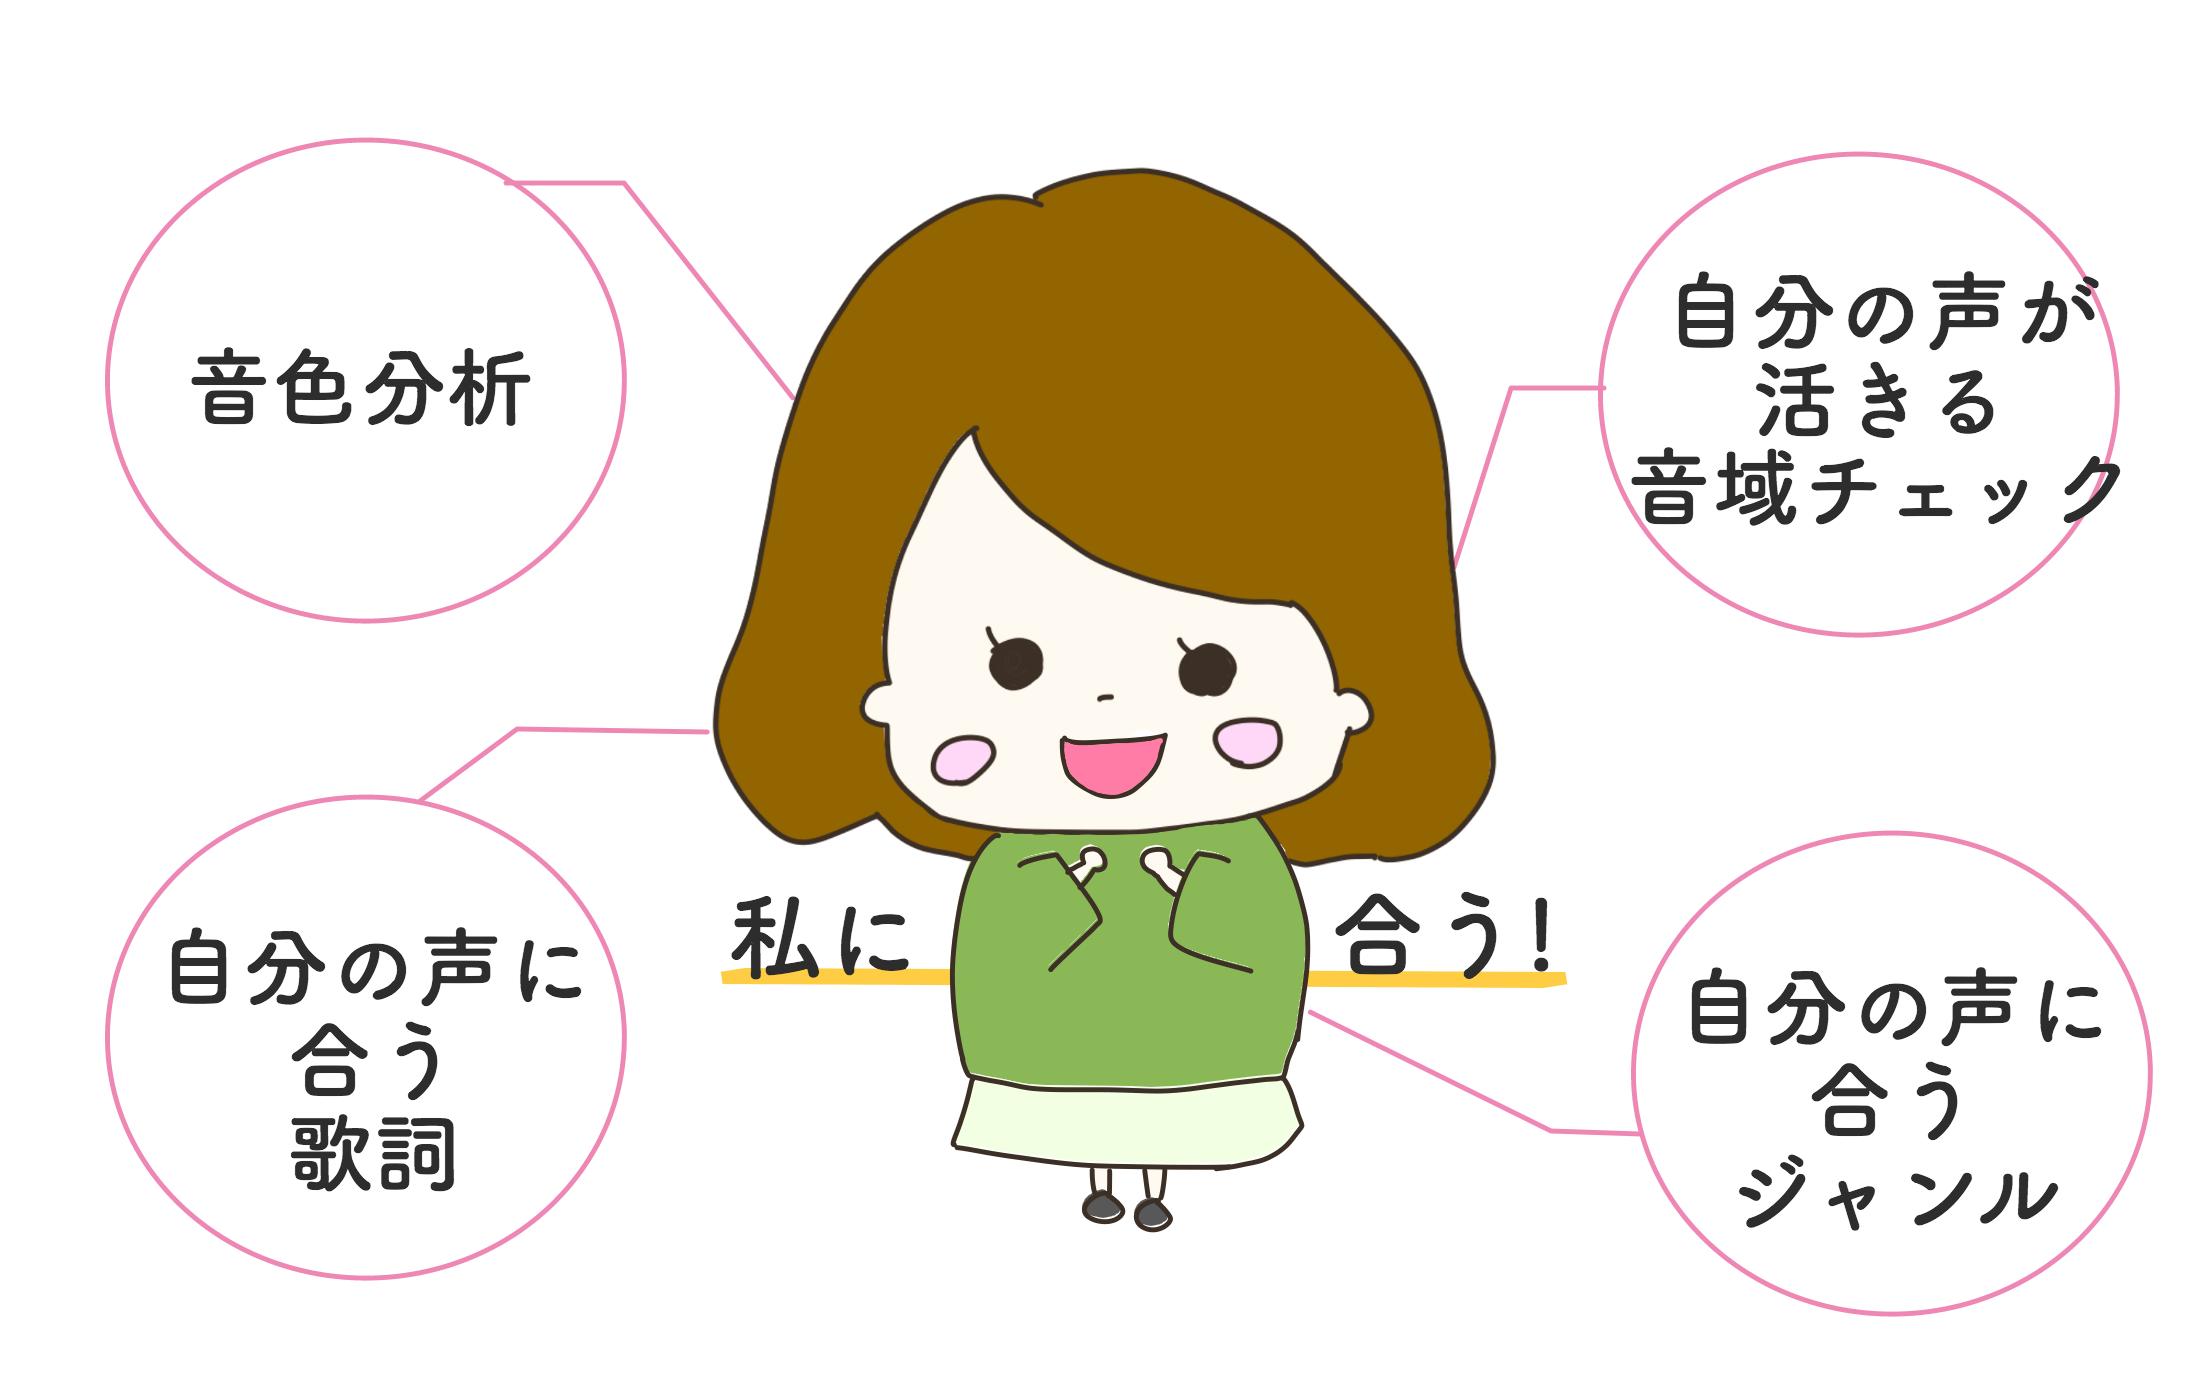 kosei_watashiniau